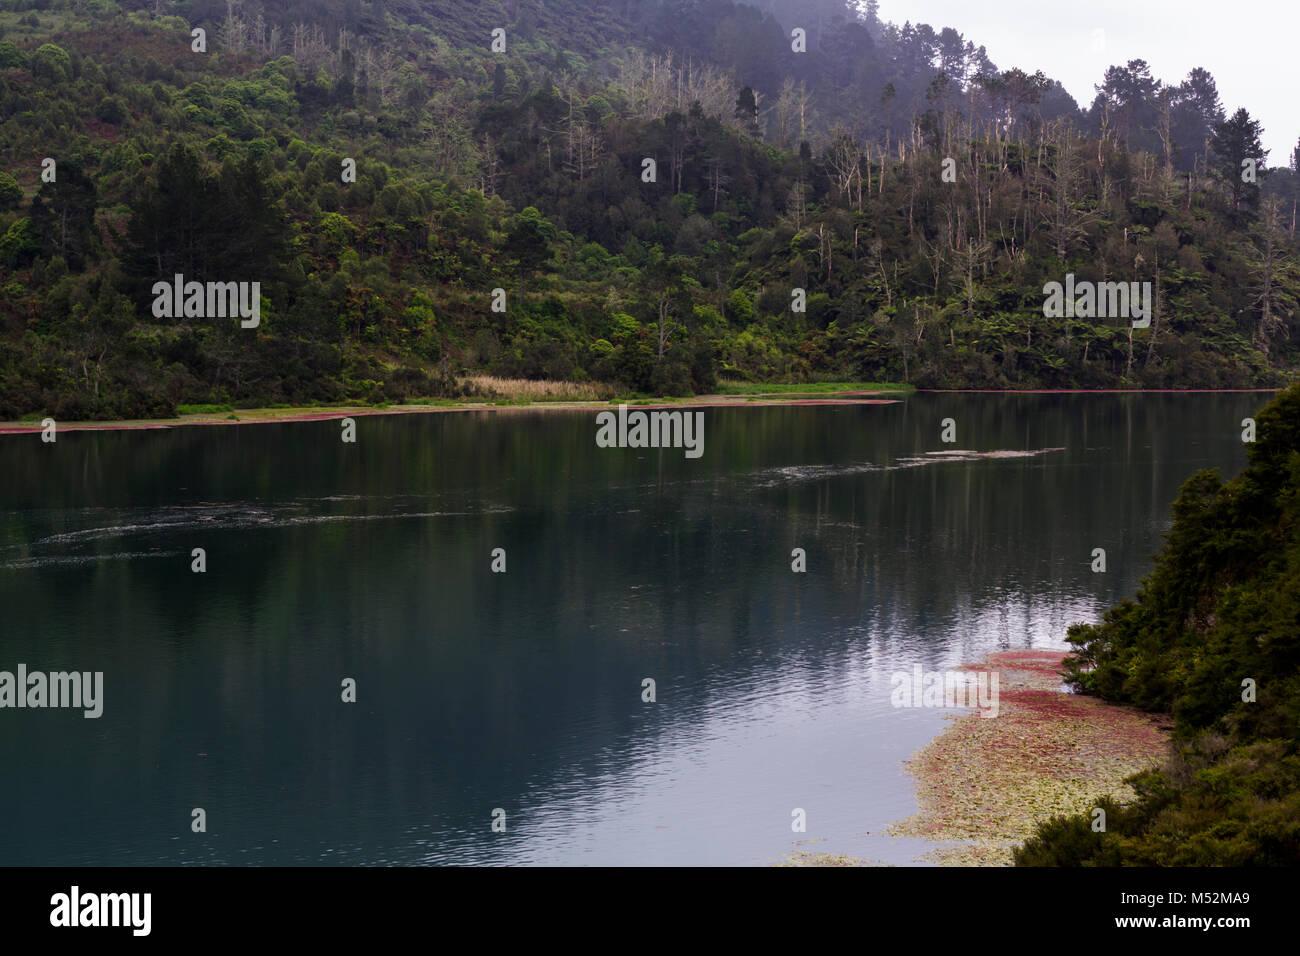 New Zealand Waikato river landscape - Stock Image